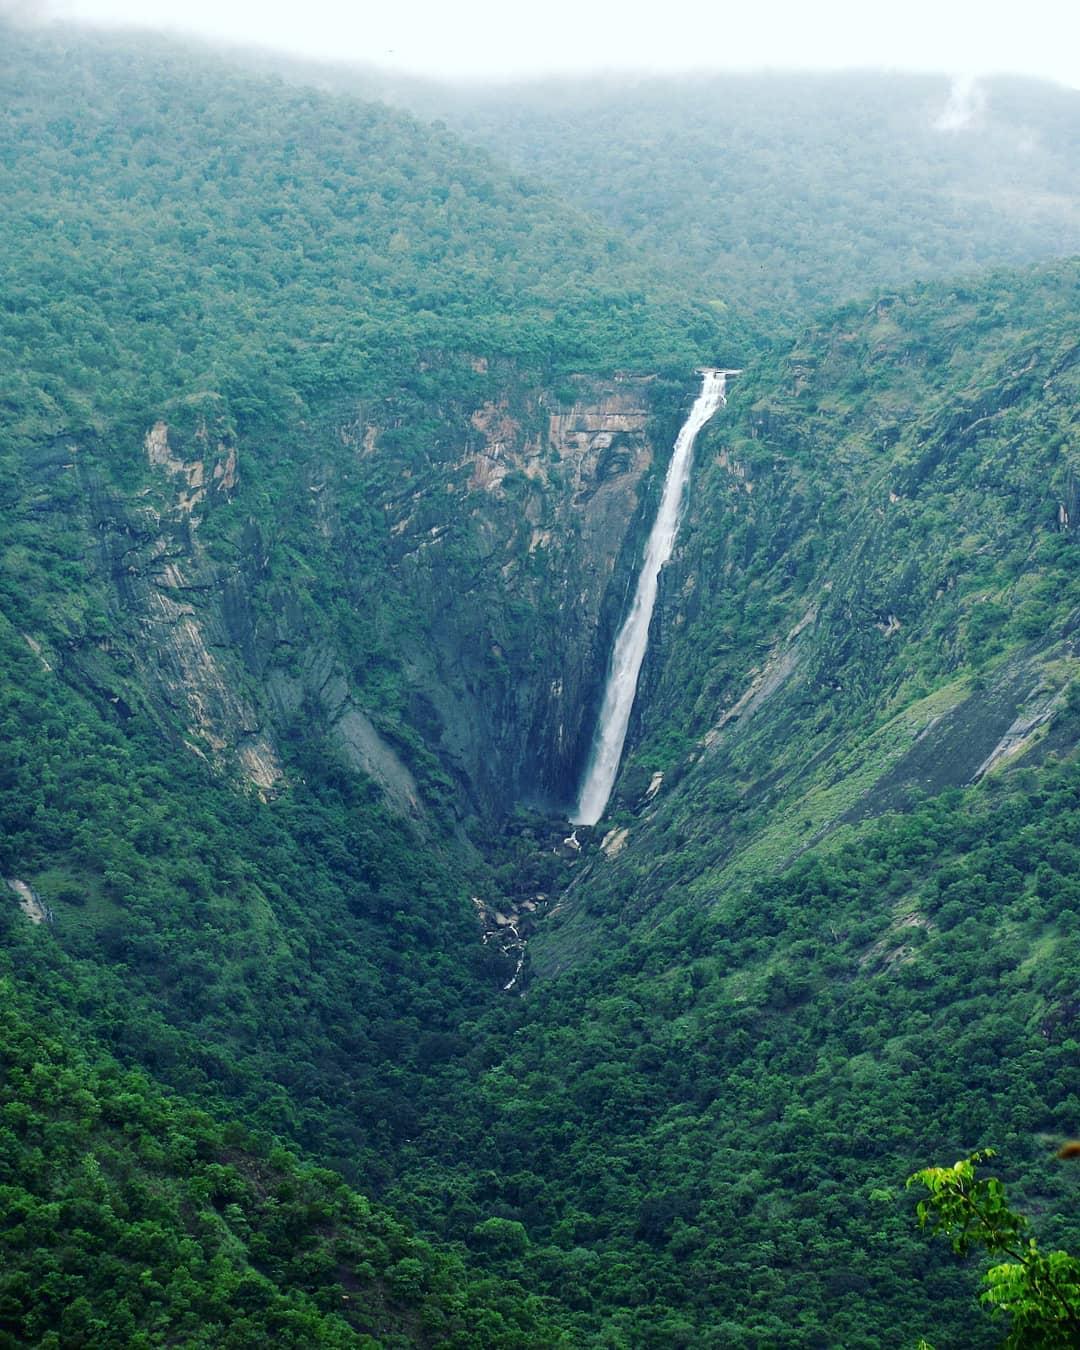 Thalaiyar Falls / Rat Tail Falls